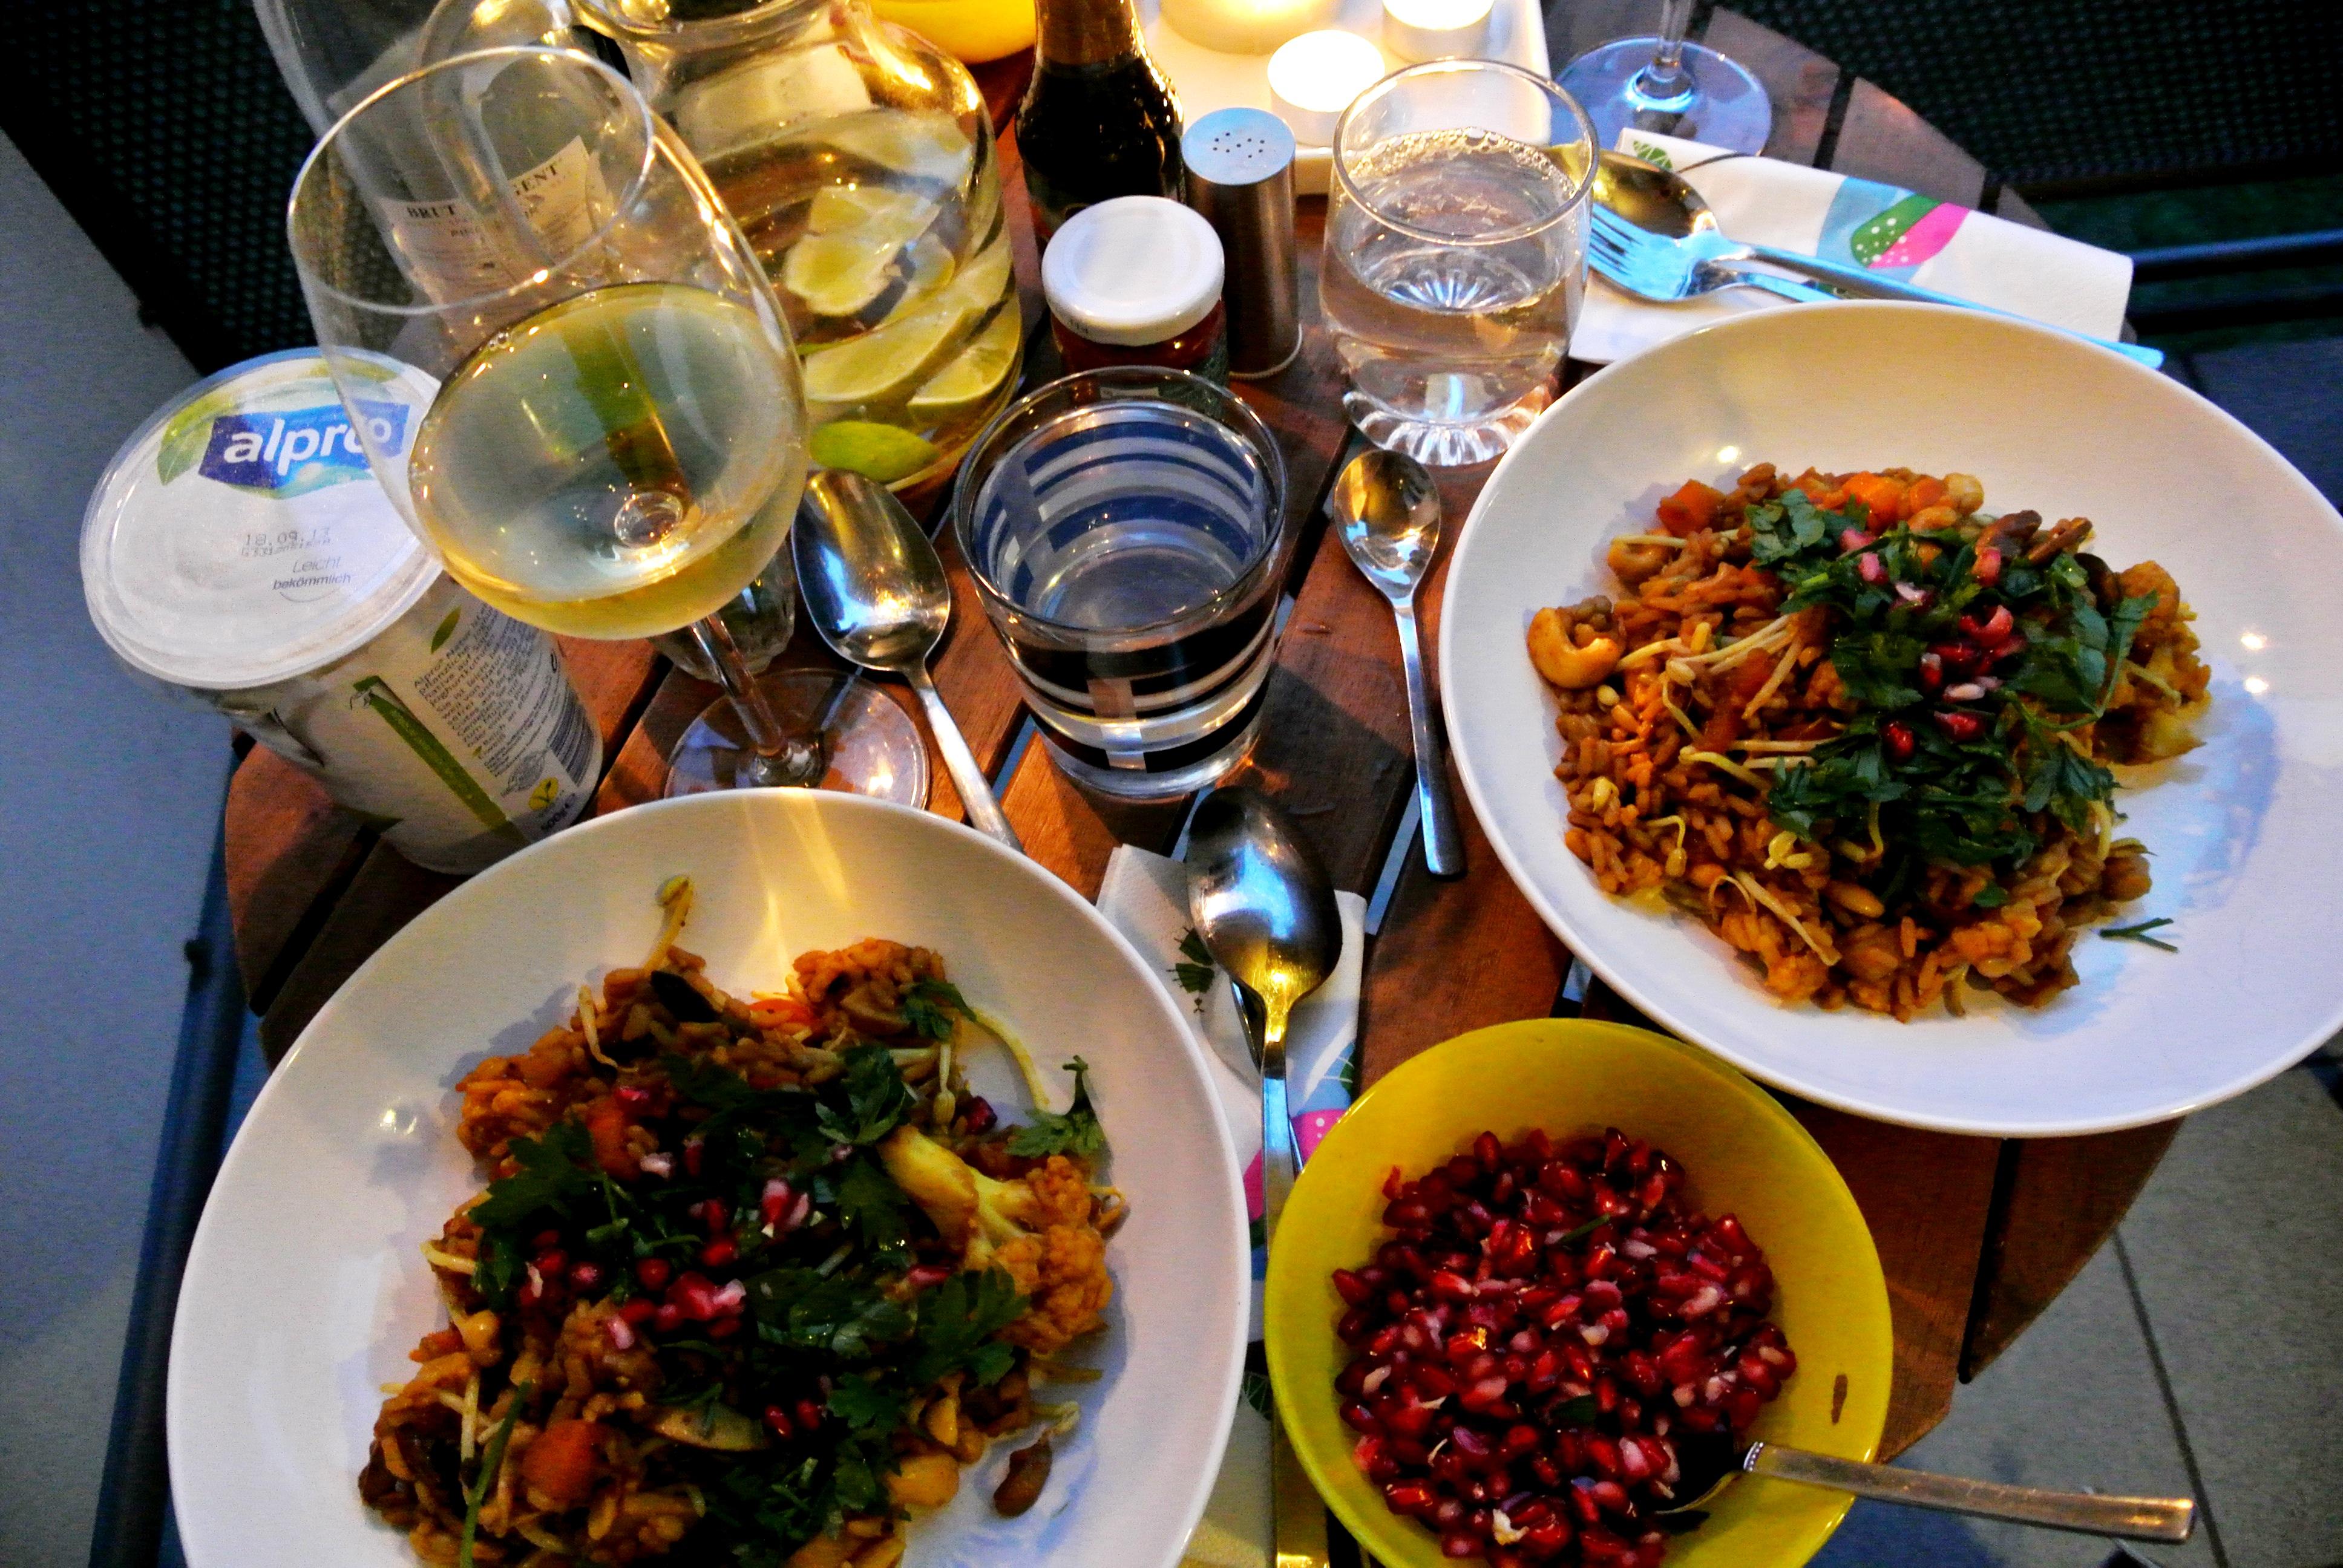 Chefkoch valentinstag menu